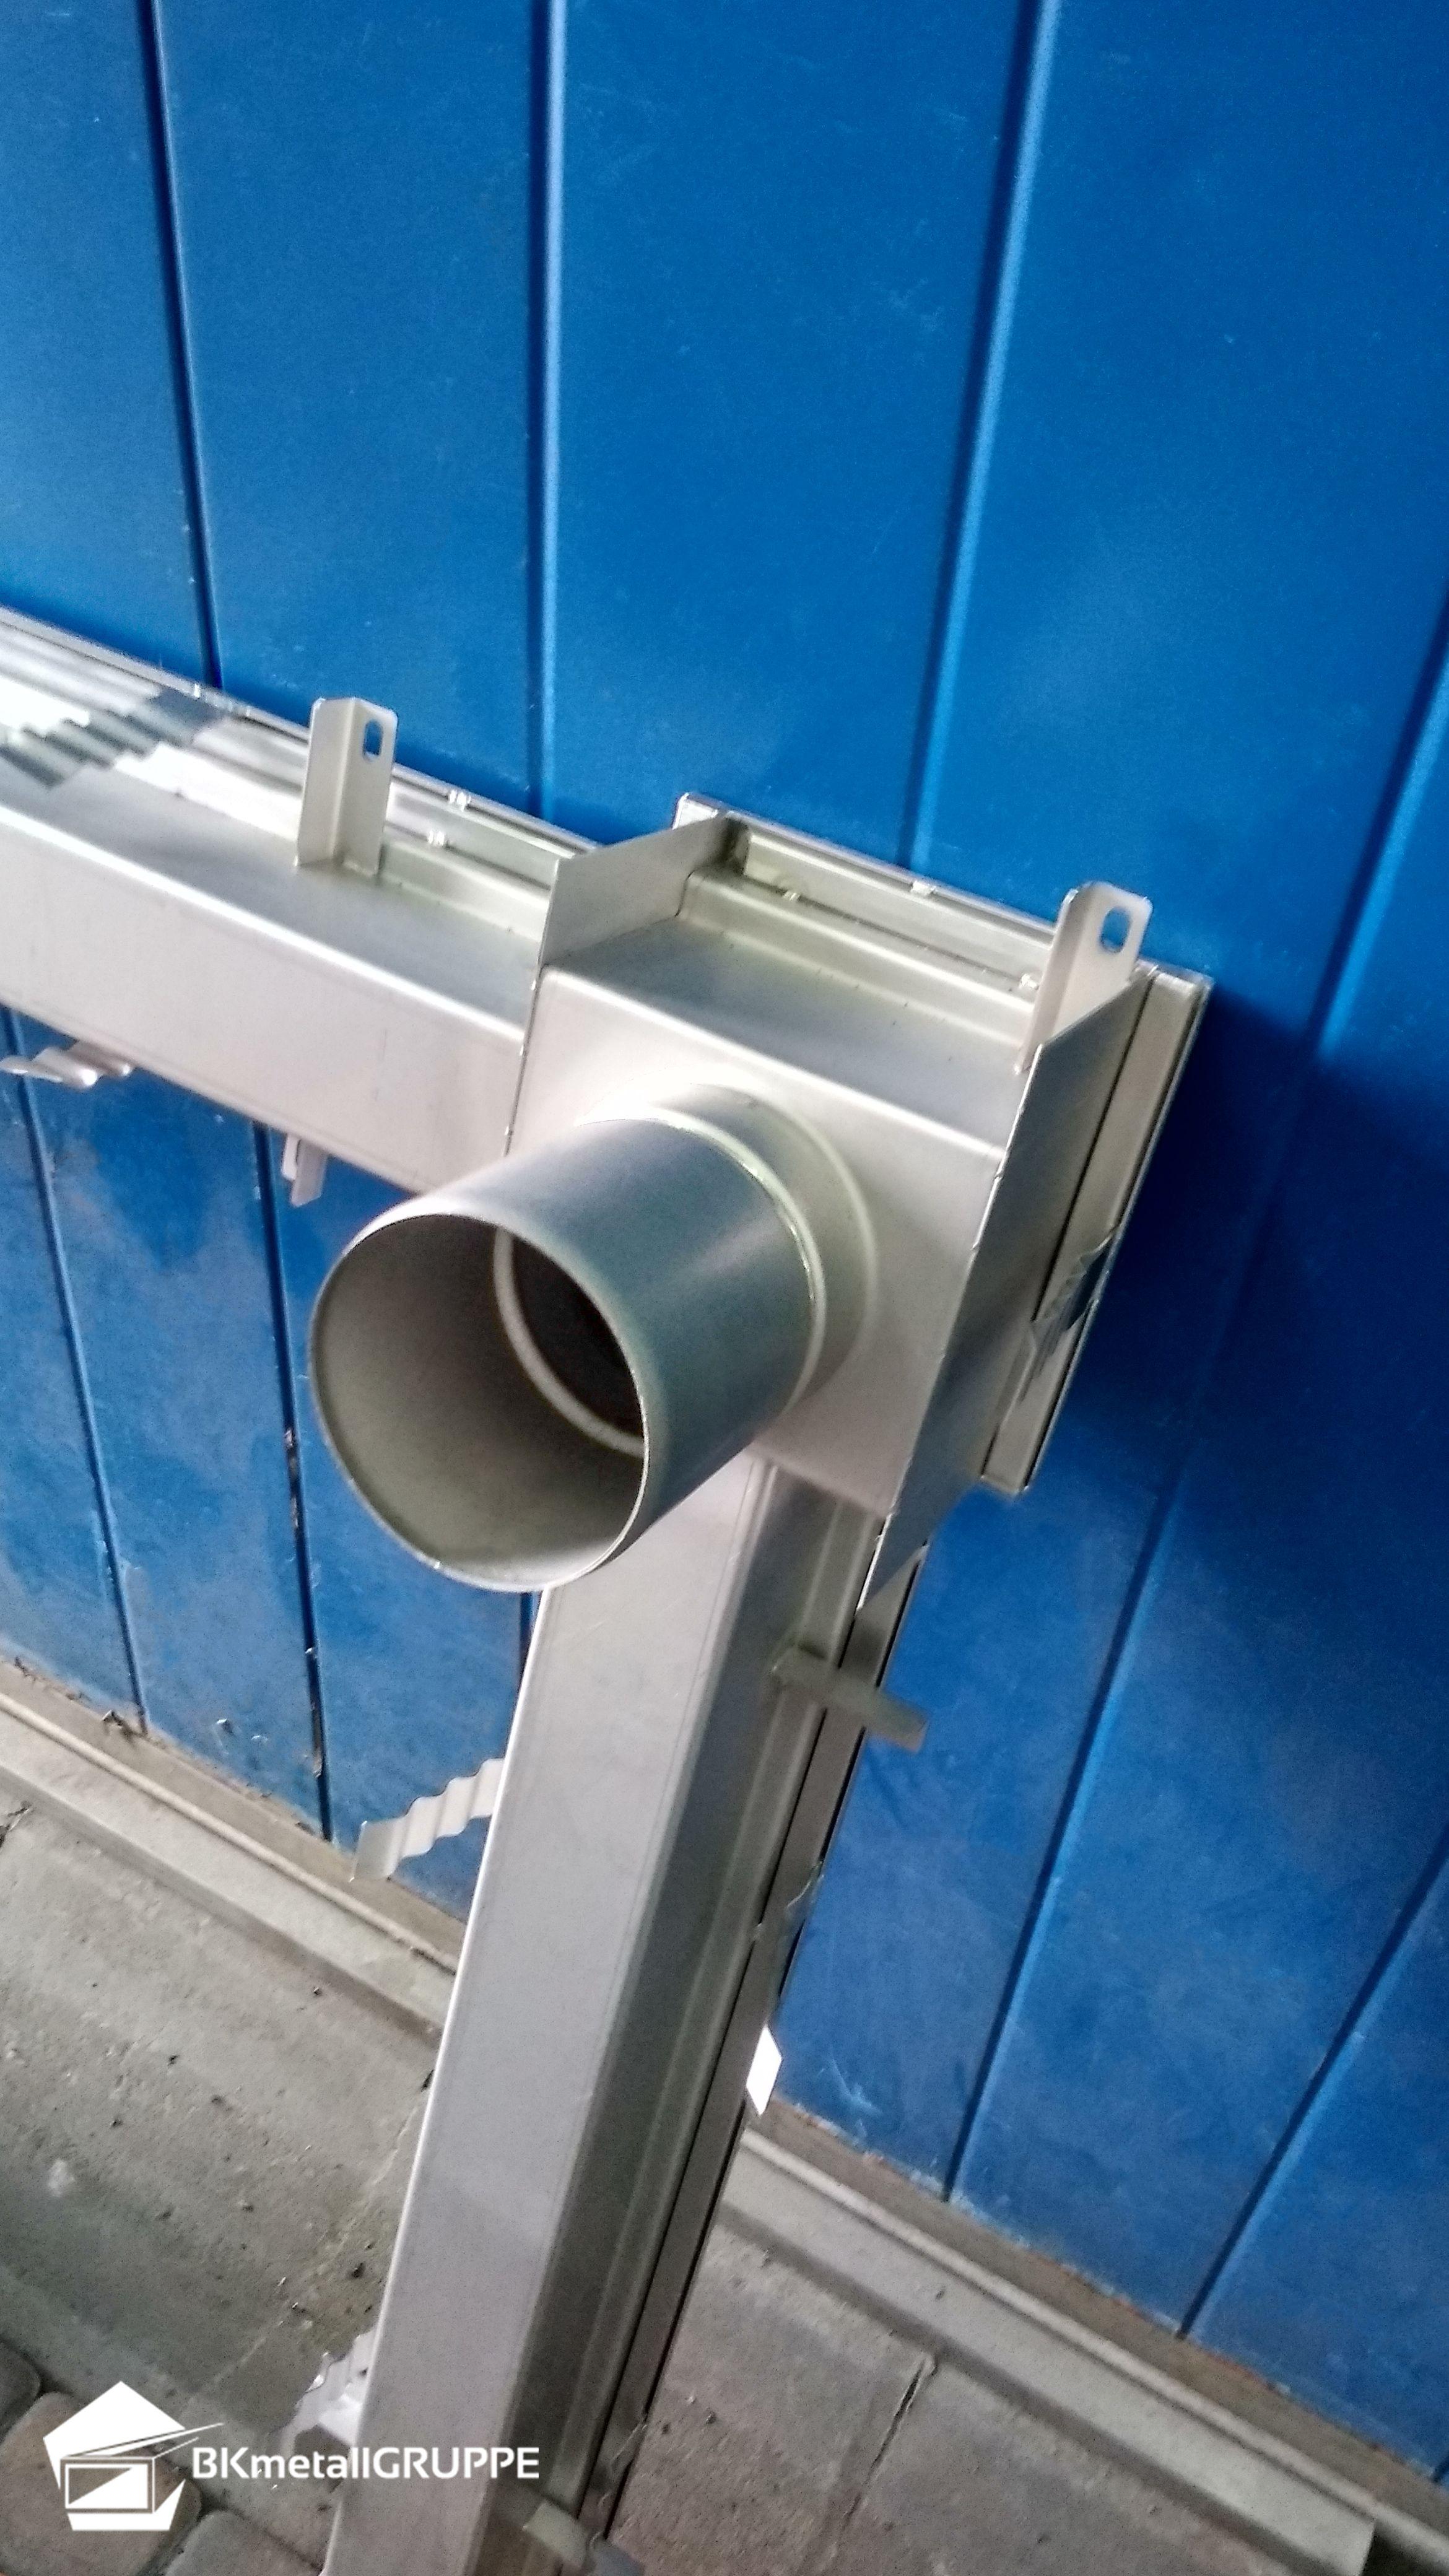 Edelstahl Kastenrinnen Mit Einem Verstärkungsprofiel Versehen Oder Bekommen Auf Wunsch Eine Ep Edelstahl Entwässerungstechnik Für Haus Und Industrie